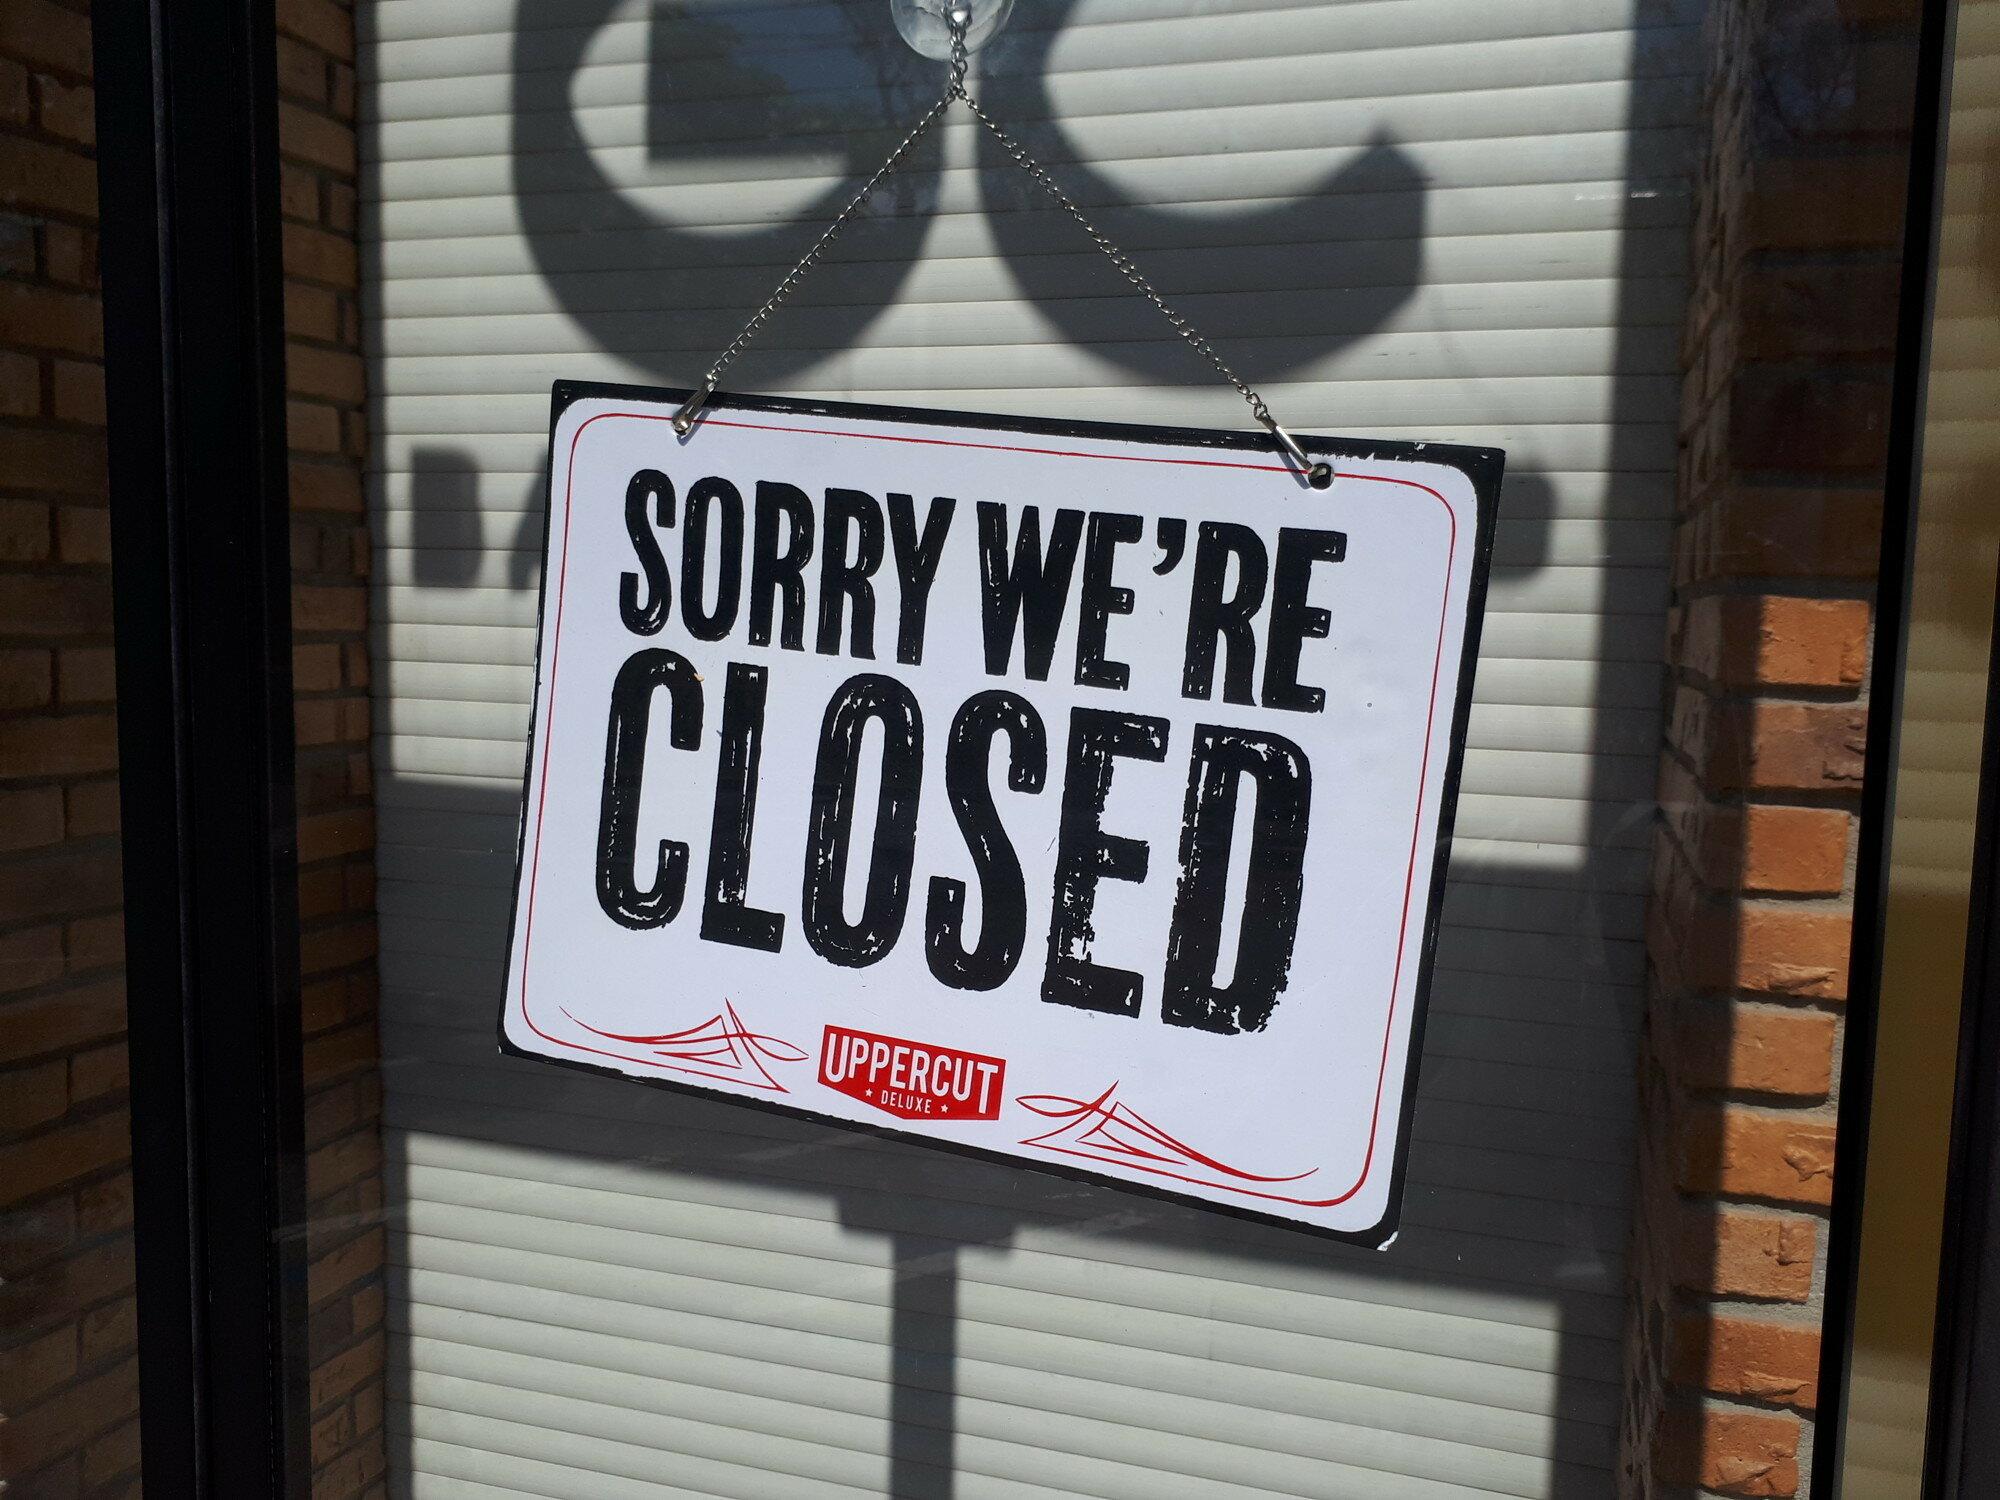 Работников СБУ обвинили в провокации ресторанов на нарушение карантина